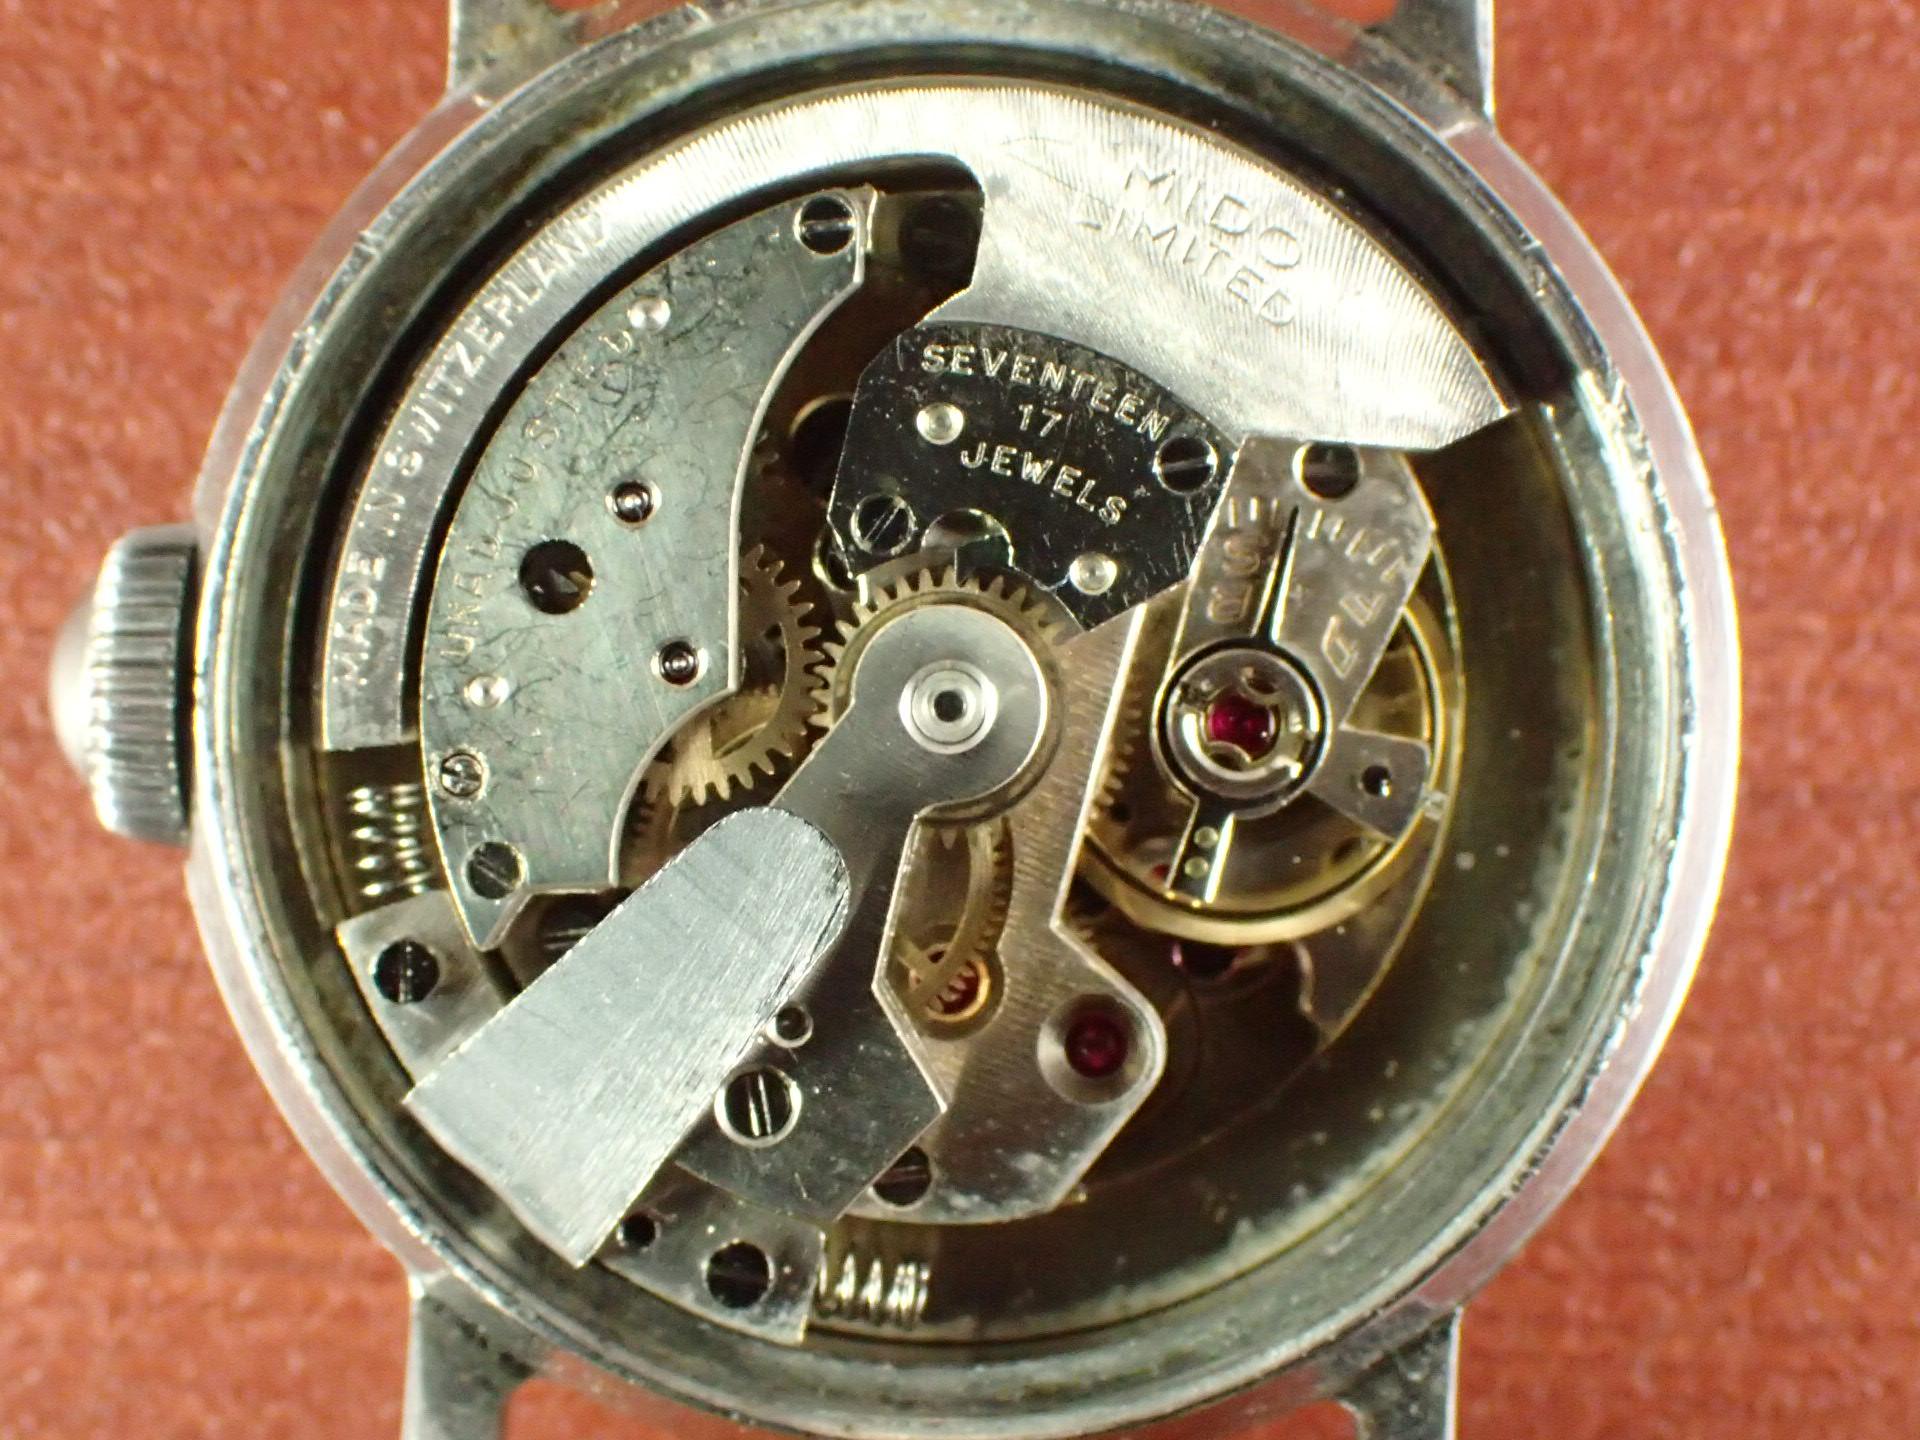 ミドー マルチフォート エクストラ 3トーンダイアル ローマンインデックス 1940年代の写真5枚目